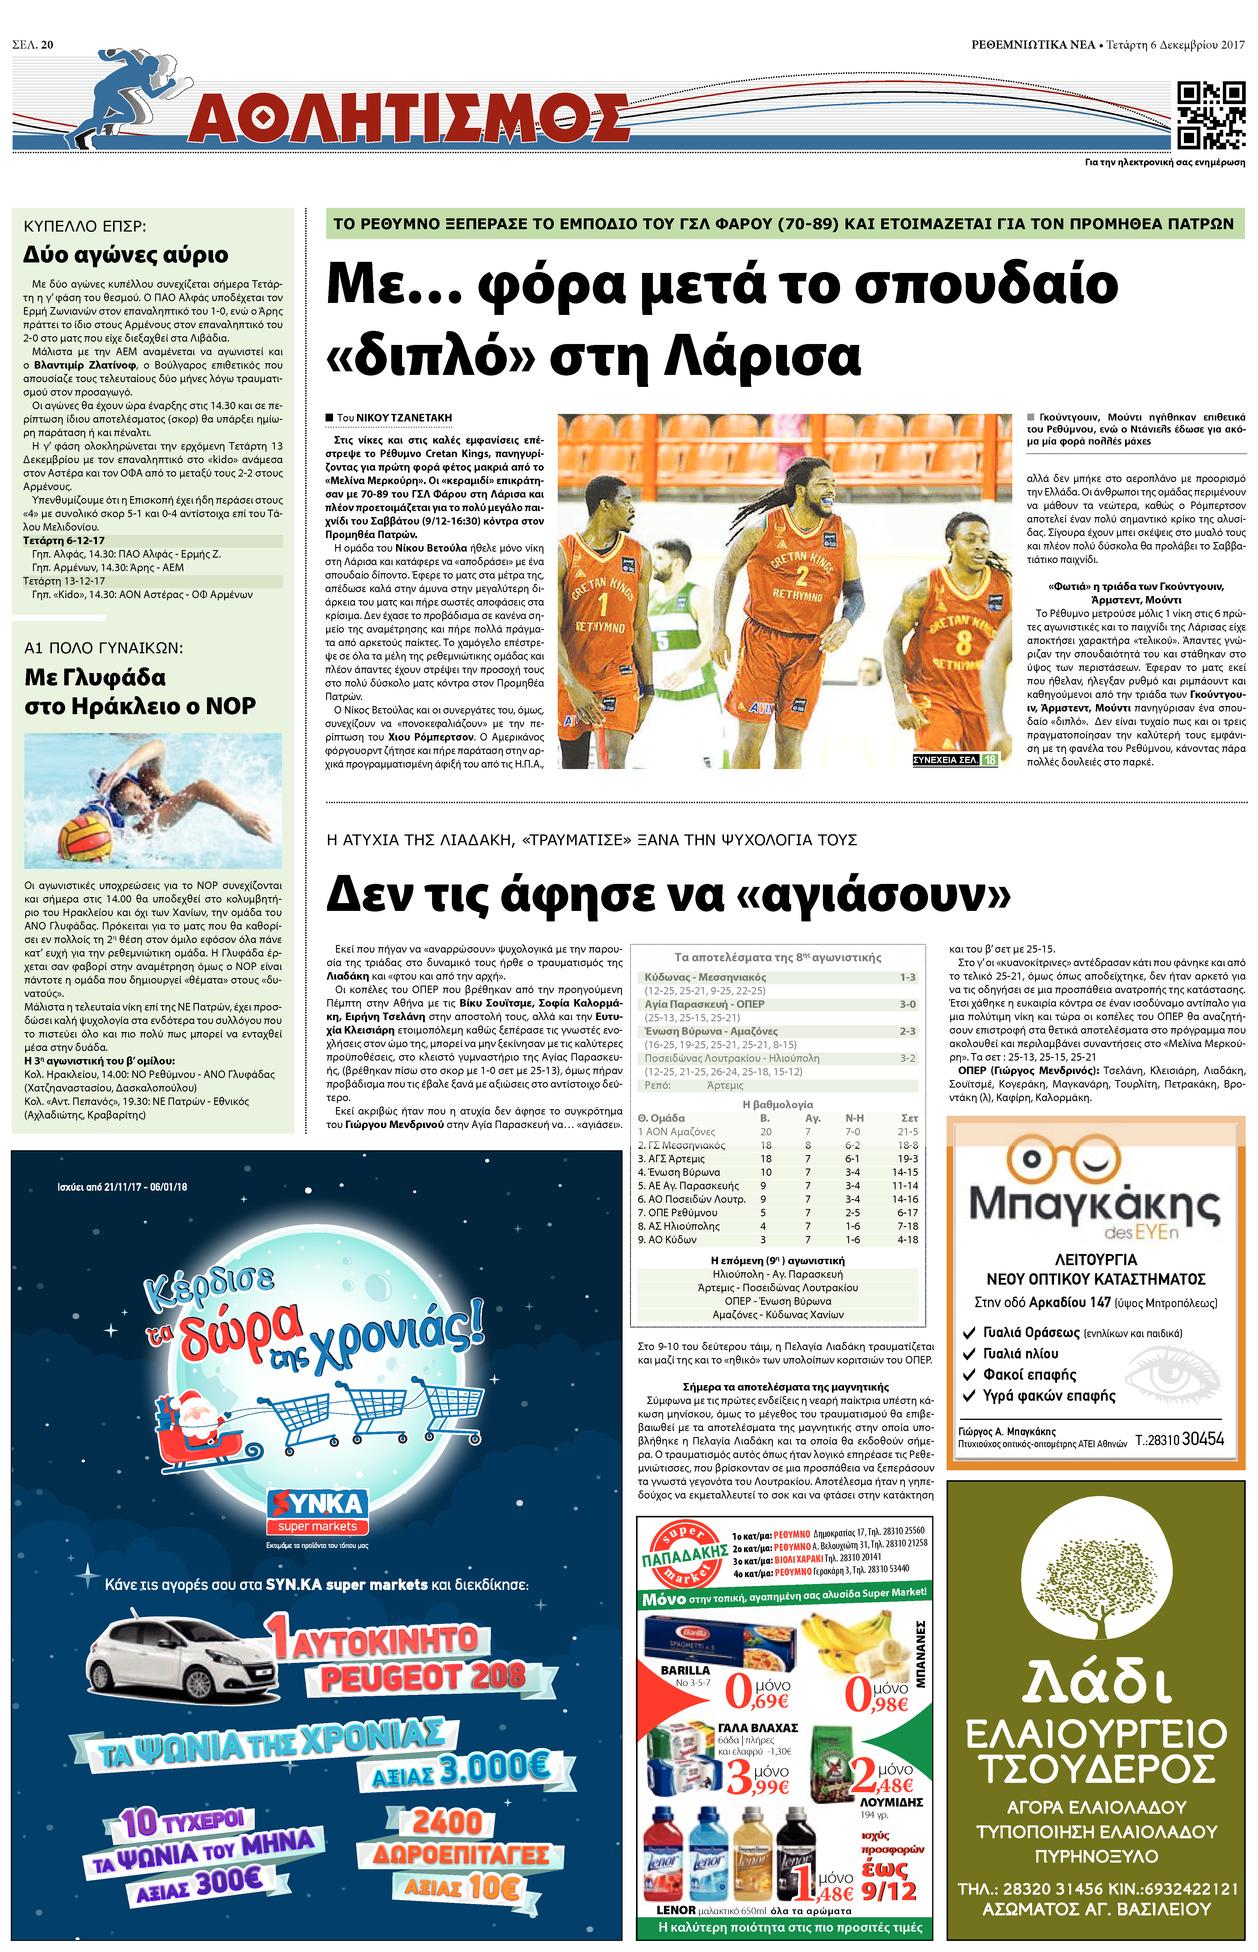 Οπισθόφυλλο εφημερίδας Ρεθεμνιώτικα Νέα